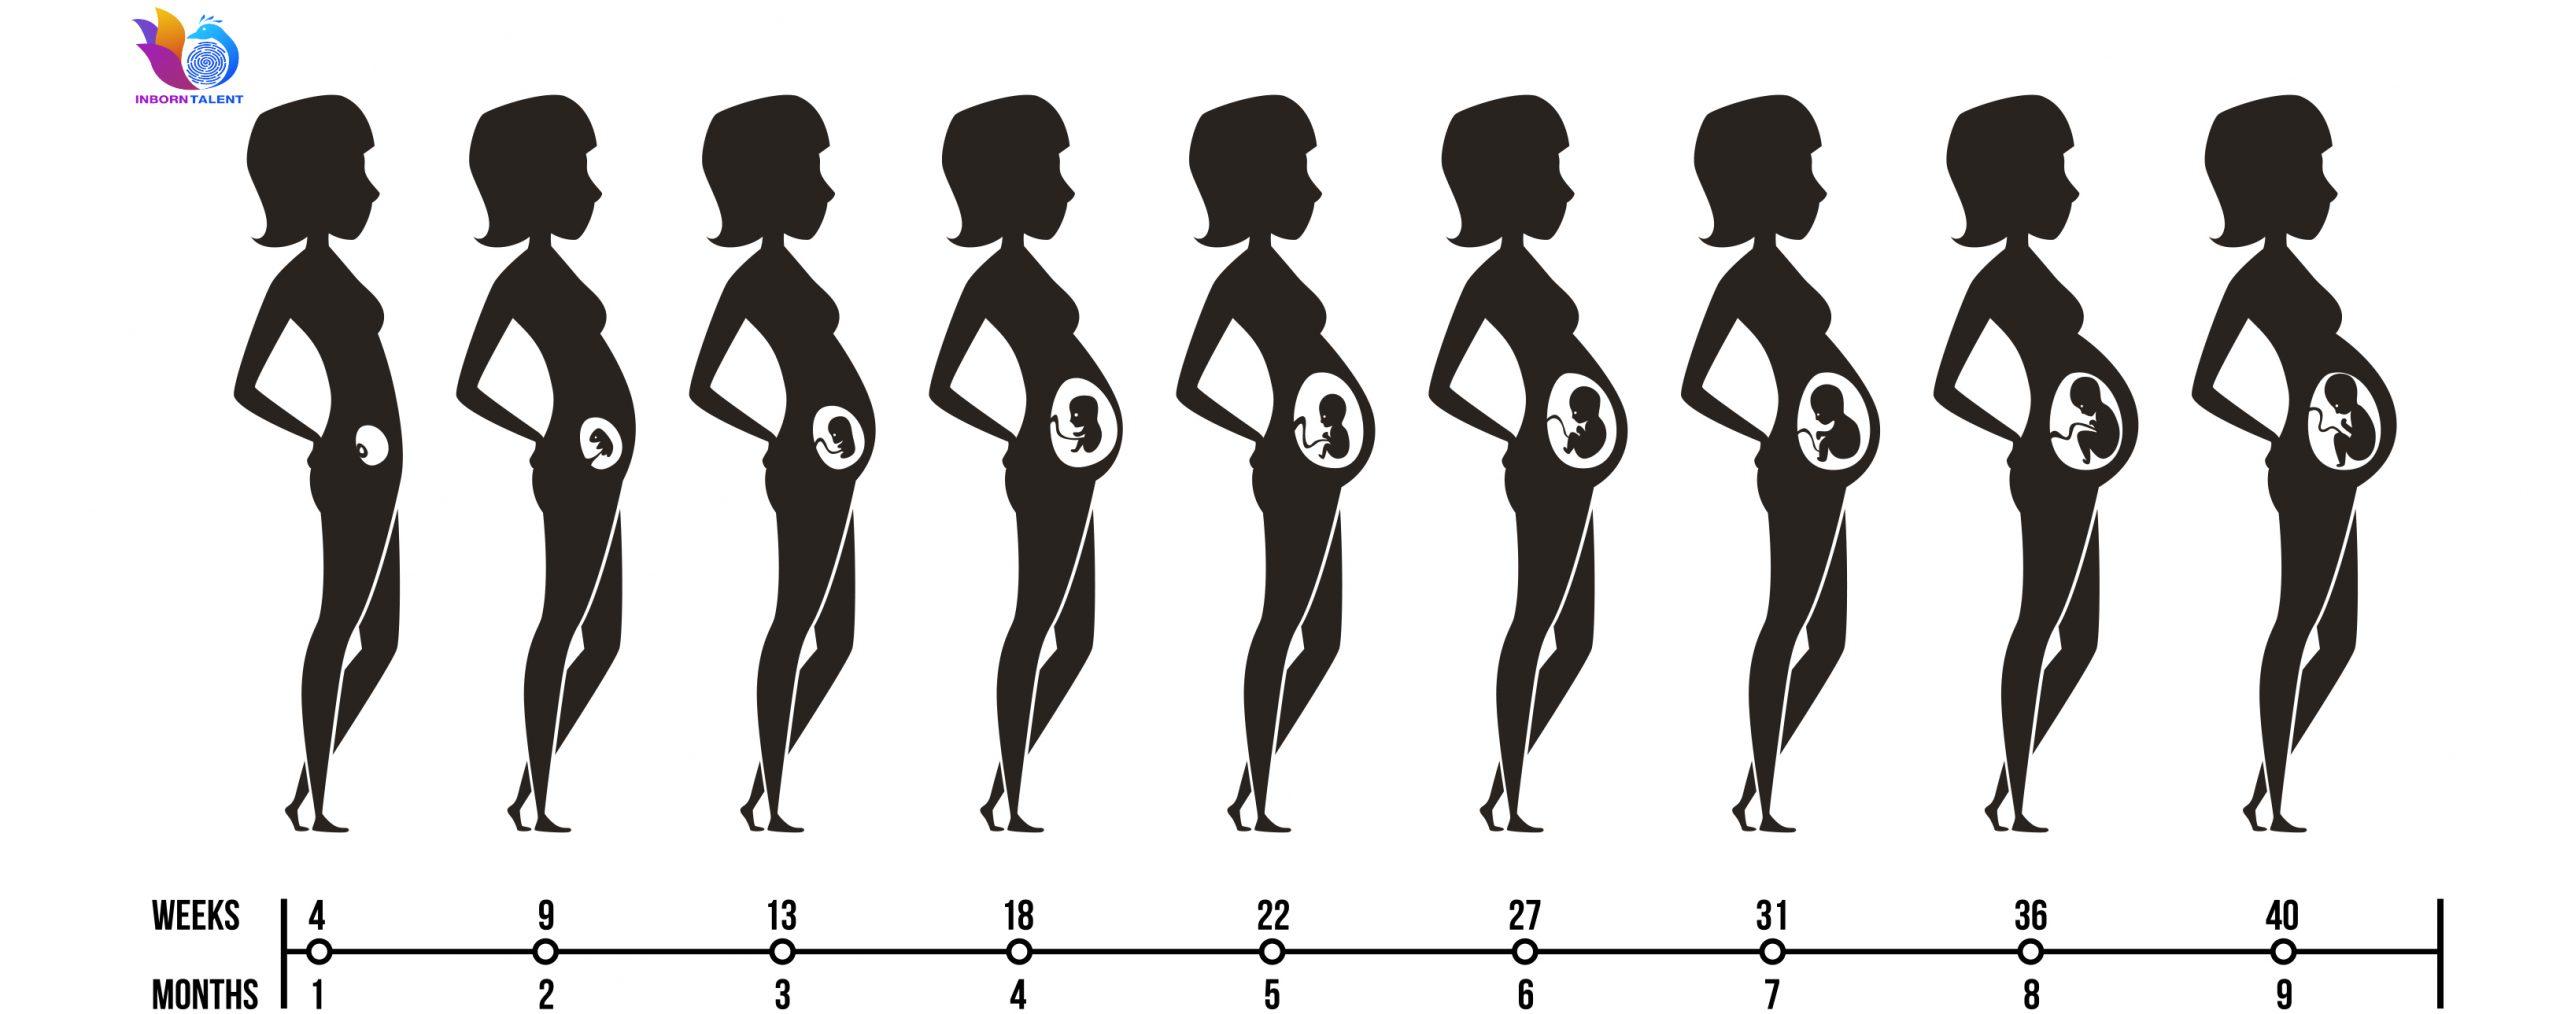 ลายเส้นนิ้วมือเริ่มก่อตัวพัฒนาภายในครรภ์ตั้งแต่ 13 สัปดาห์ และจะสมบูรณ์ไม่มีการเปลี่ยนแปลงภายใน 24 สัปดาห์